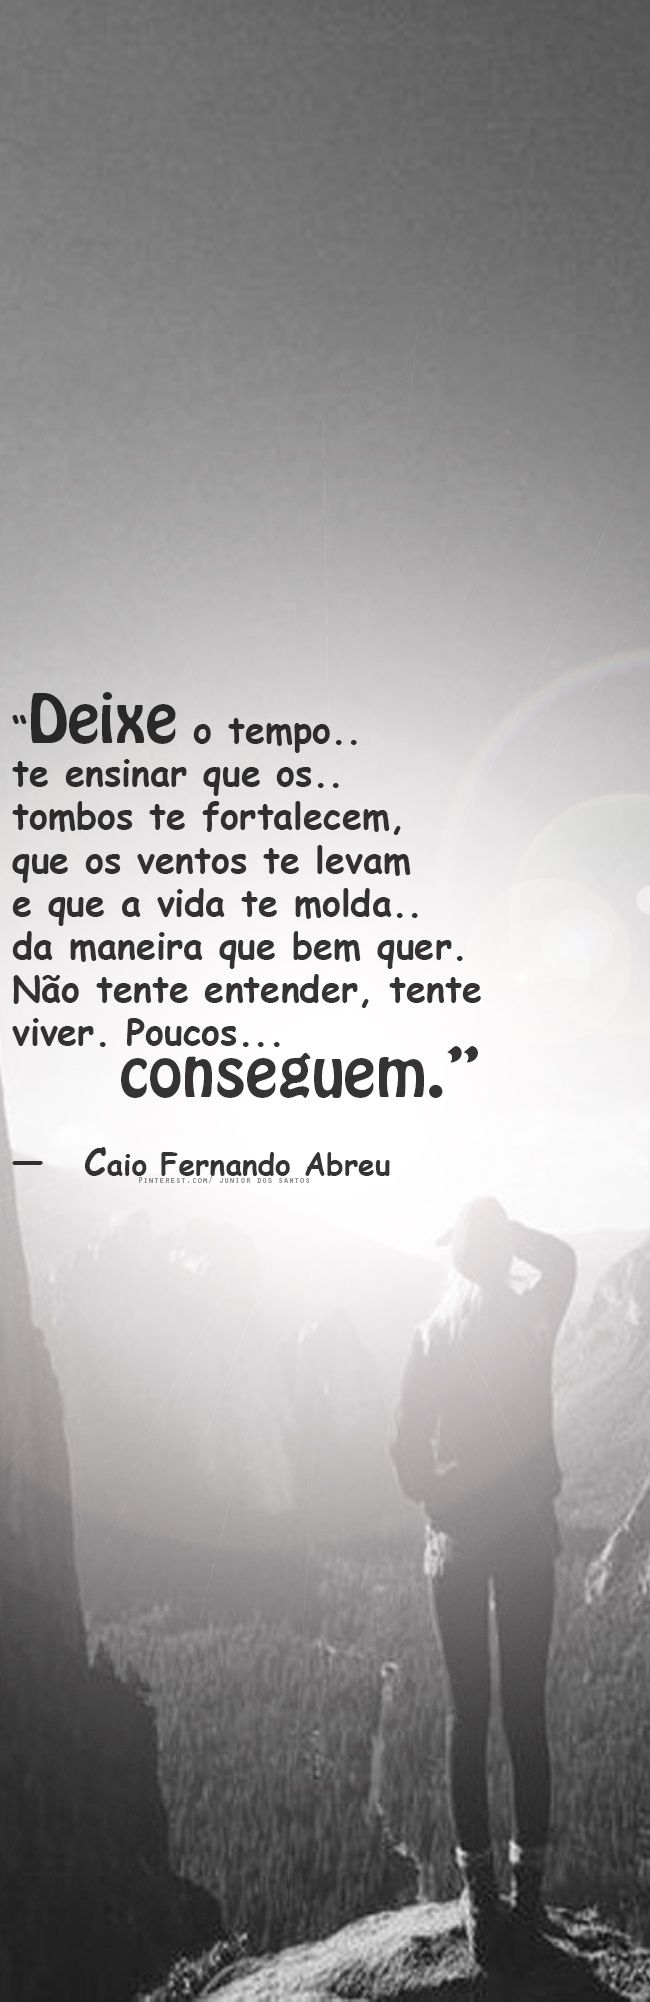 — Caio Fernando Abreu https://br.pinterest.com/dossantos0445/al%C3%A9m-de-voc%C3%AA/